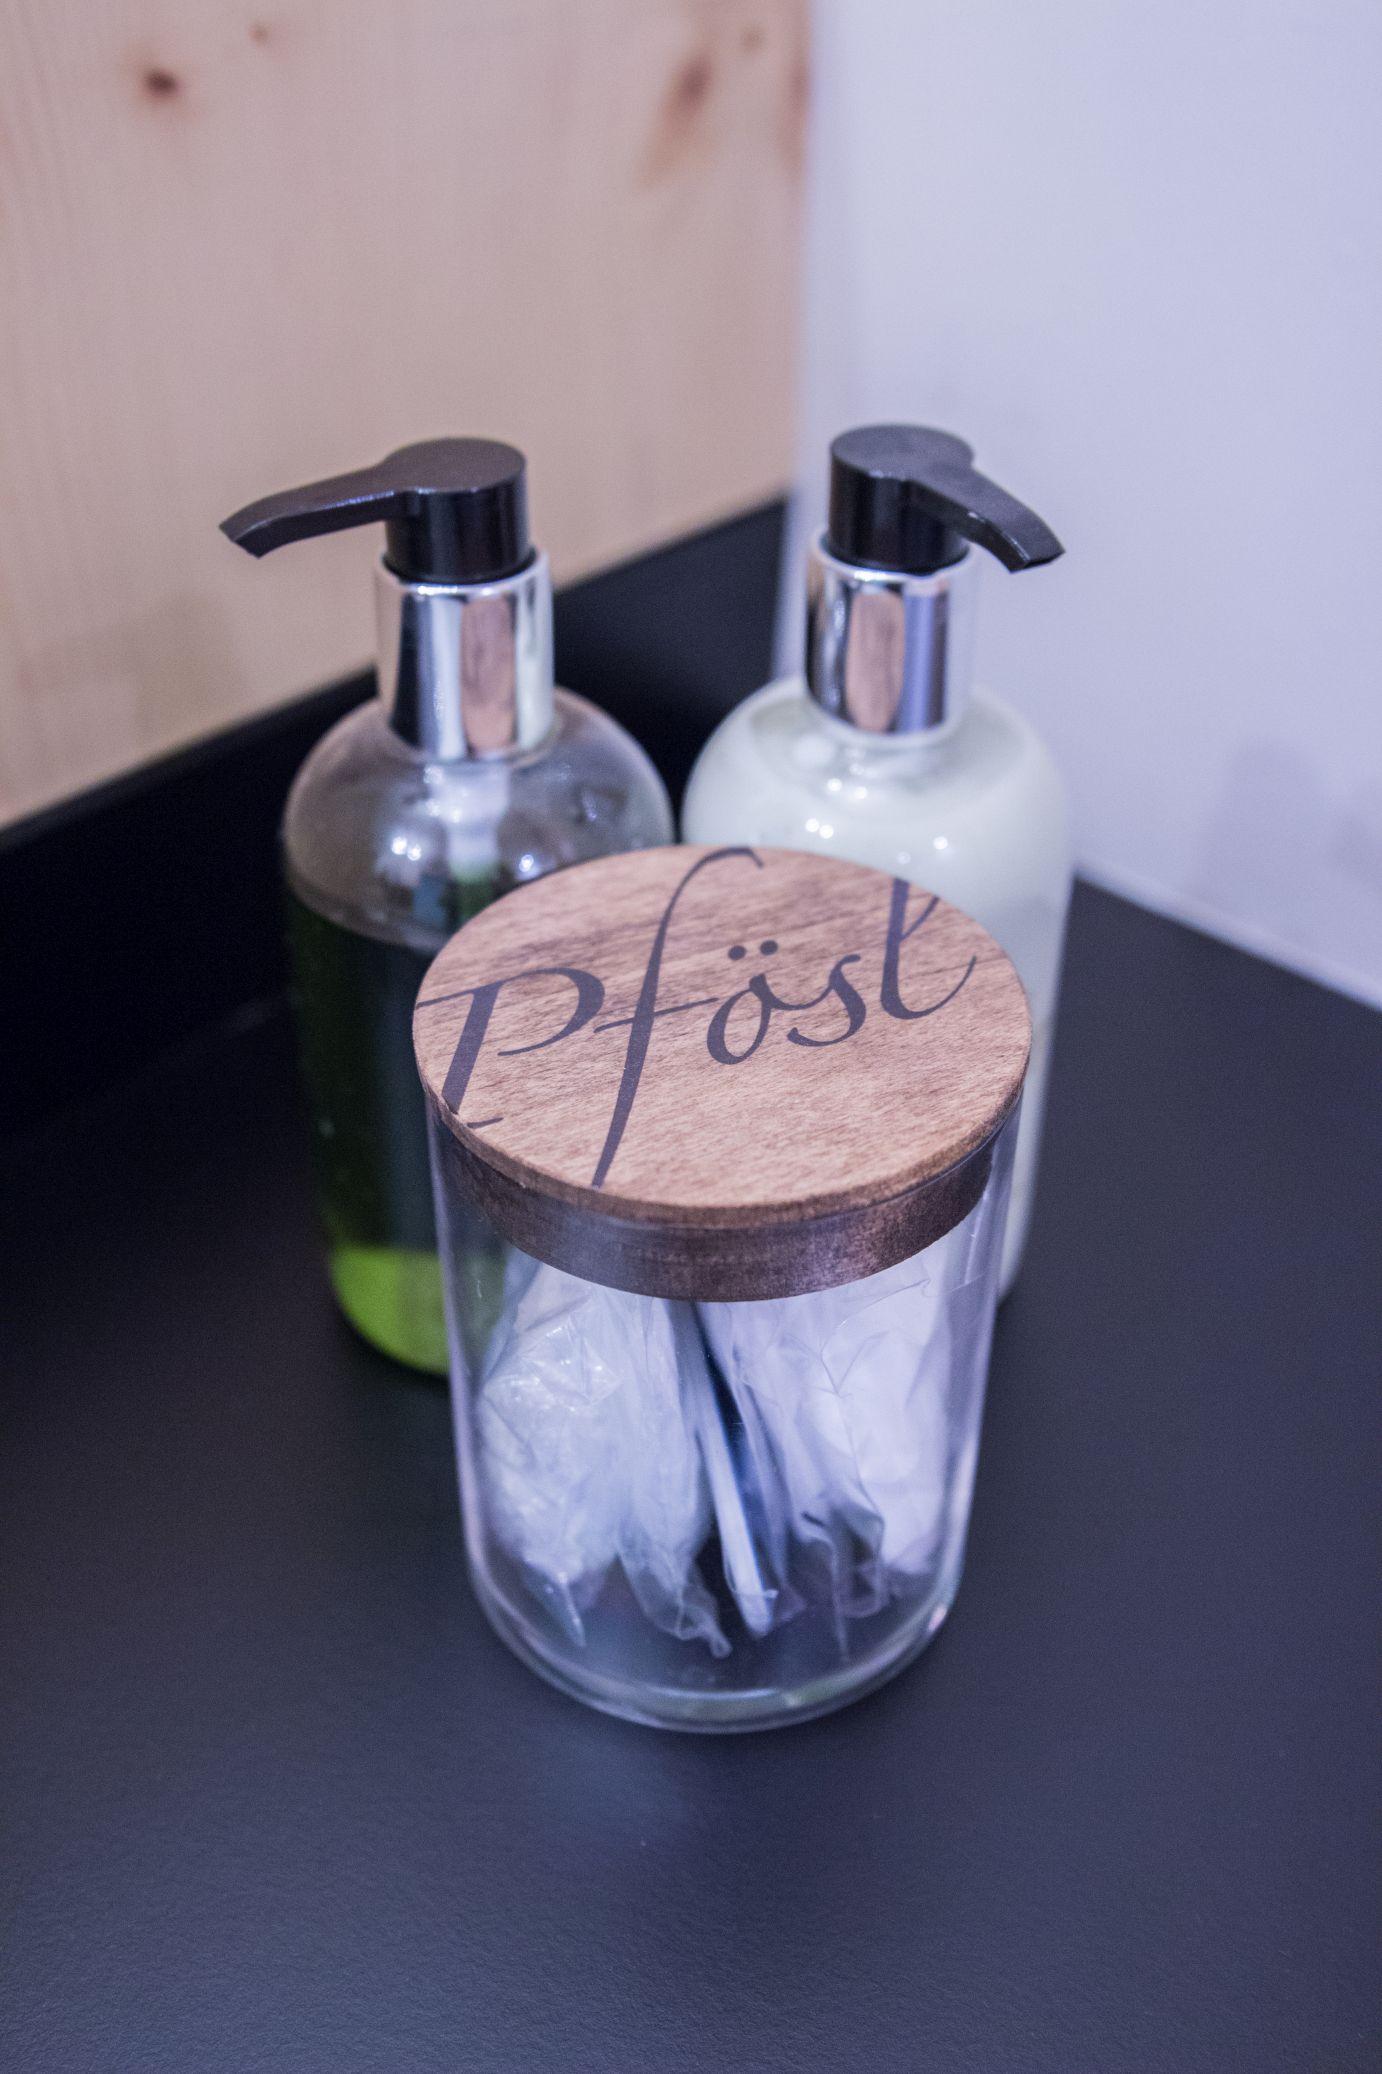 Hotel Pfösl Bad Seife Schätze aus meiner Küche